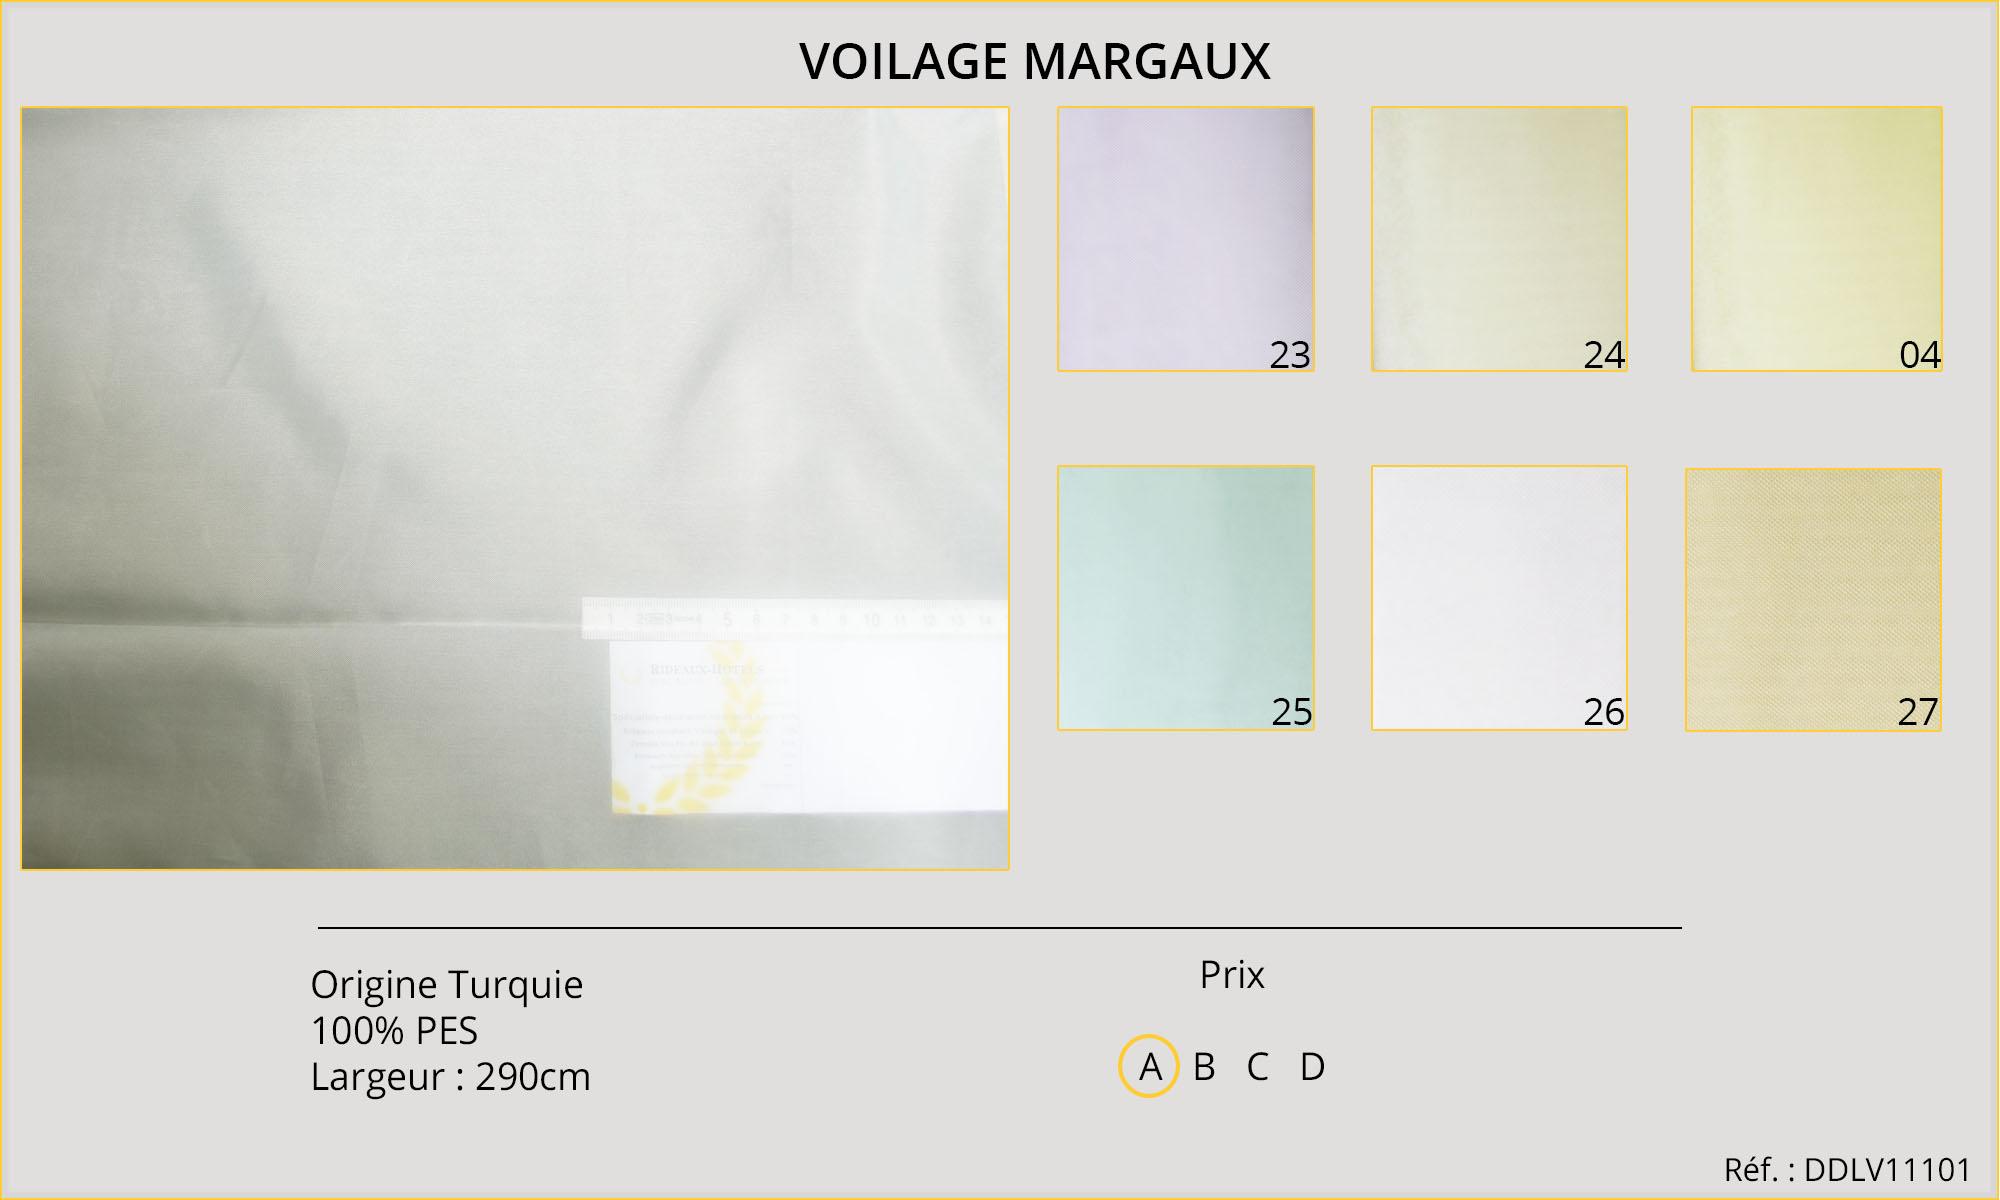 Rideaux-Hôtels Voilage Margaux